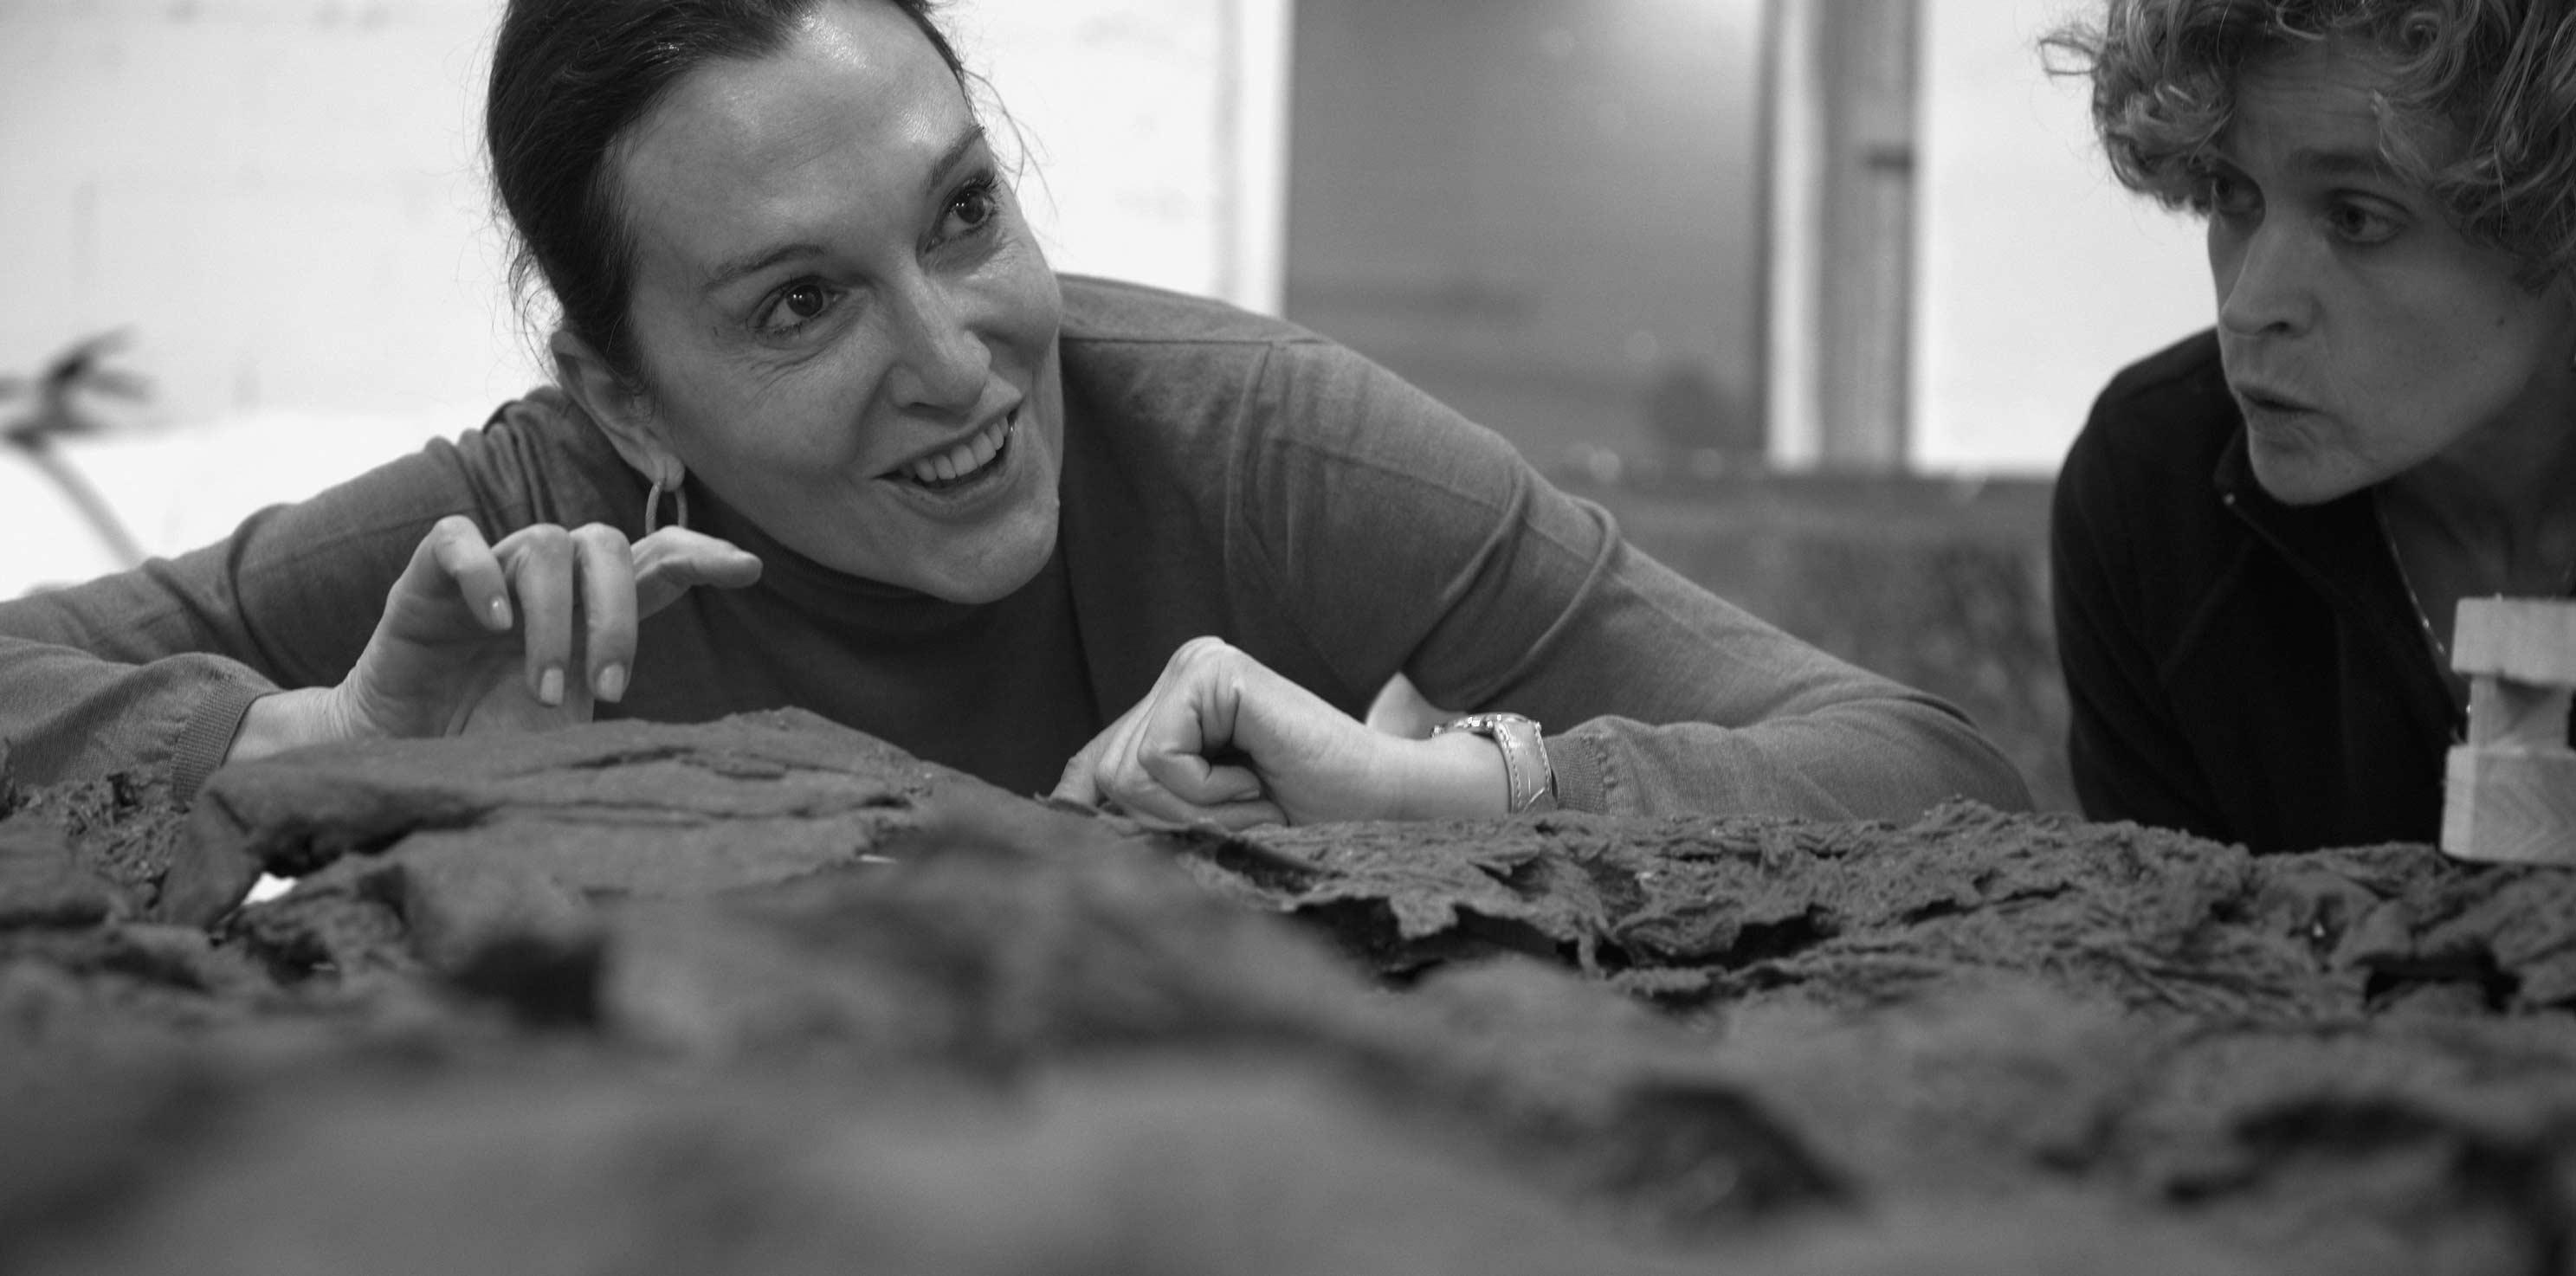 Cristina Iglesias en Alfa Arte dirigiendo la producción de la obra escultórica HONDALEA. Proyecto para la Casa Faro de la Isla de Santa Clara en Donostia San Sebastián.